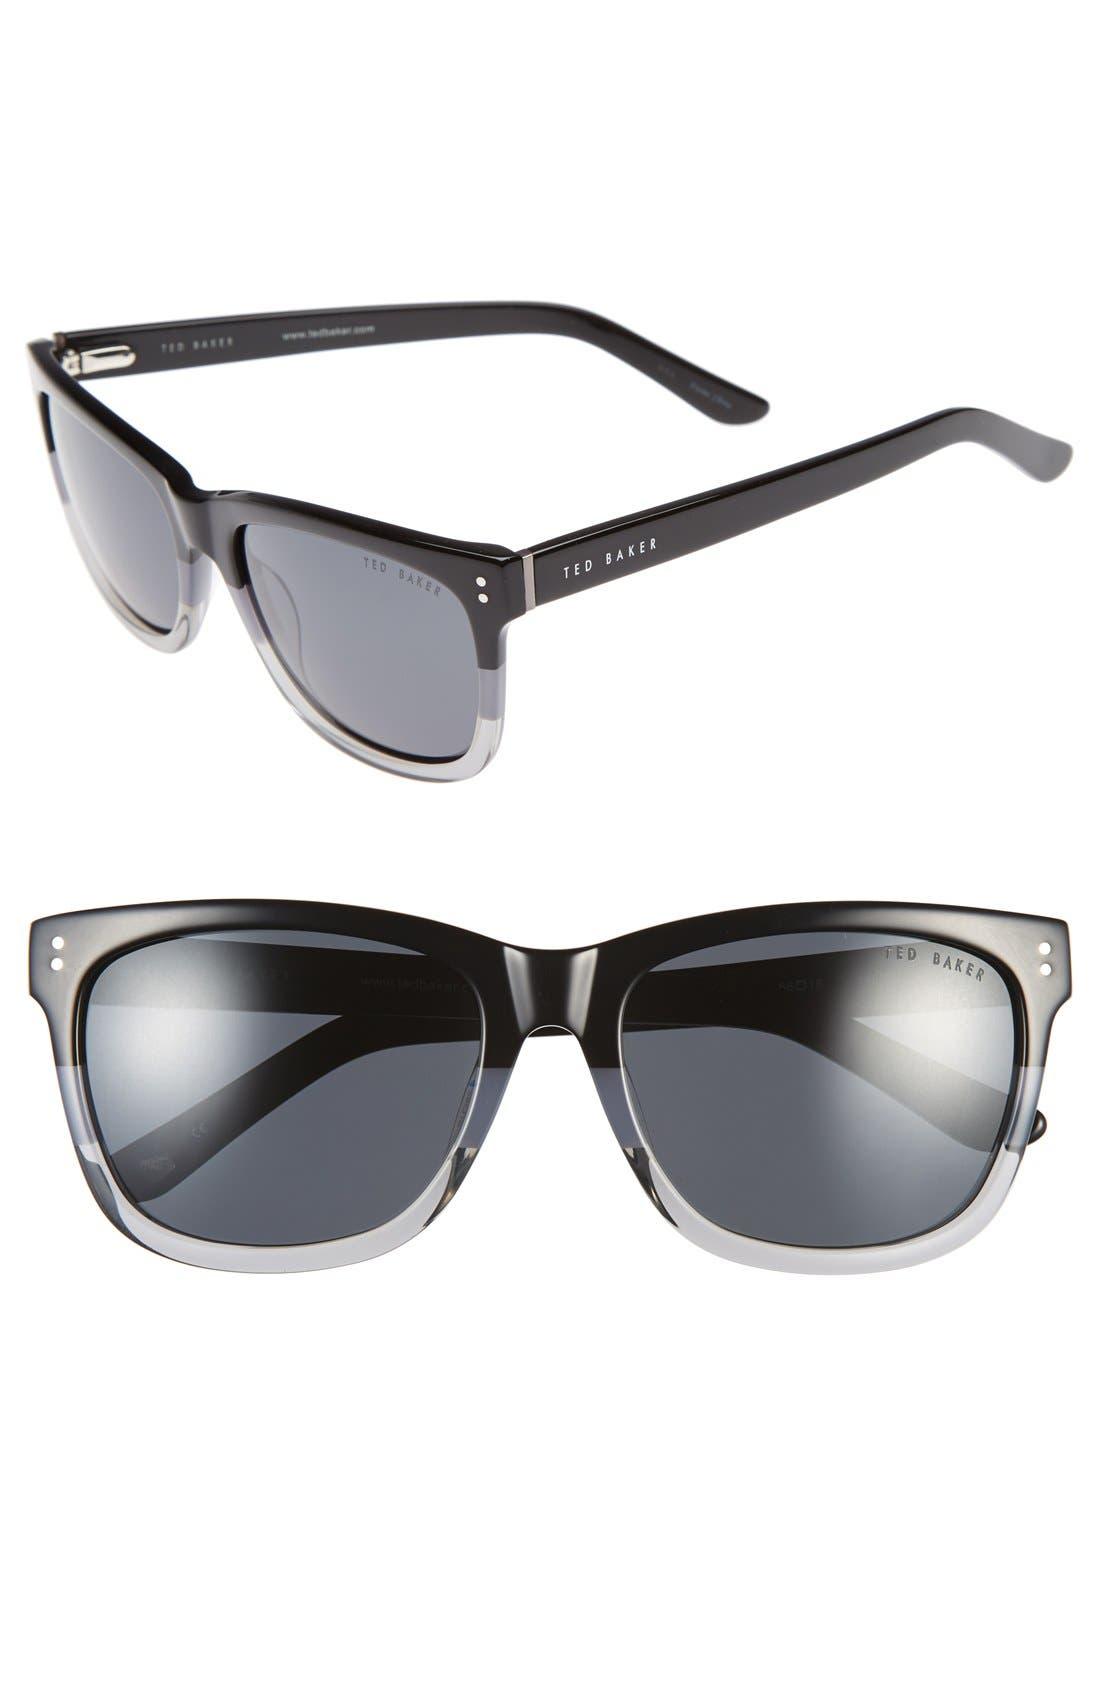 56mm Polarized Retro Sunglasses,                         Main,                         color, 001